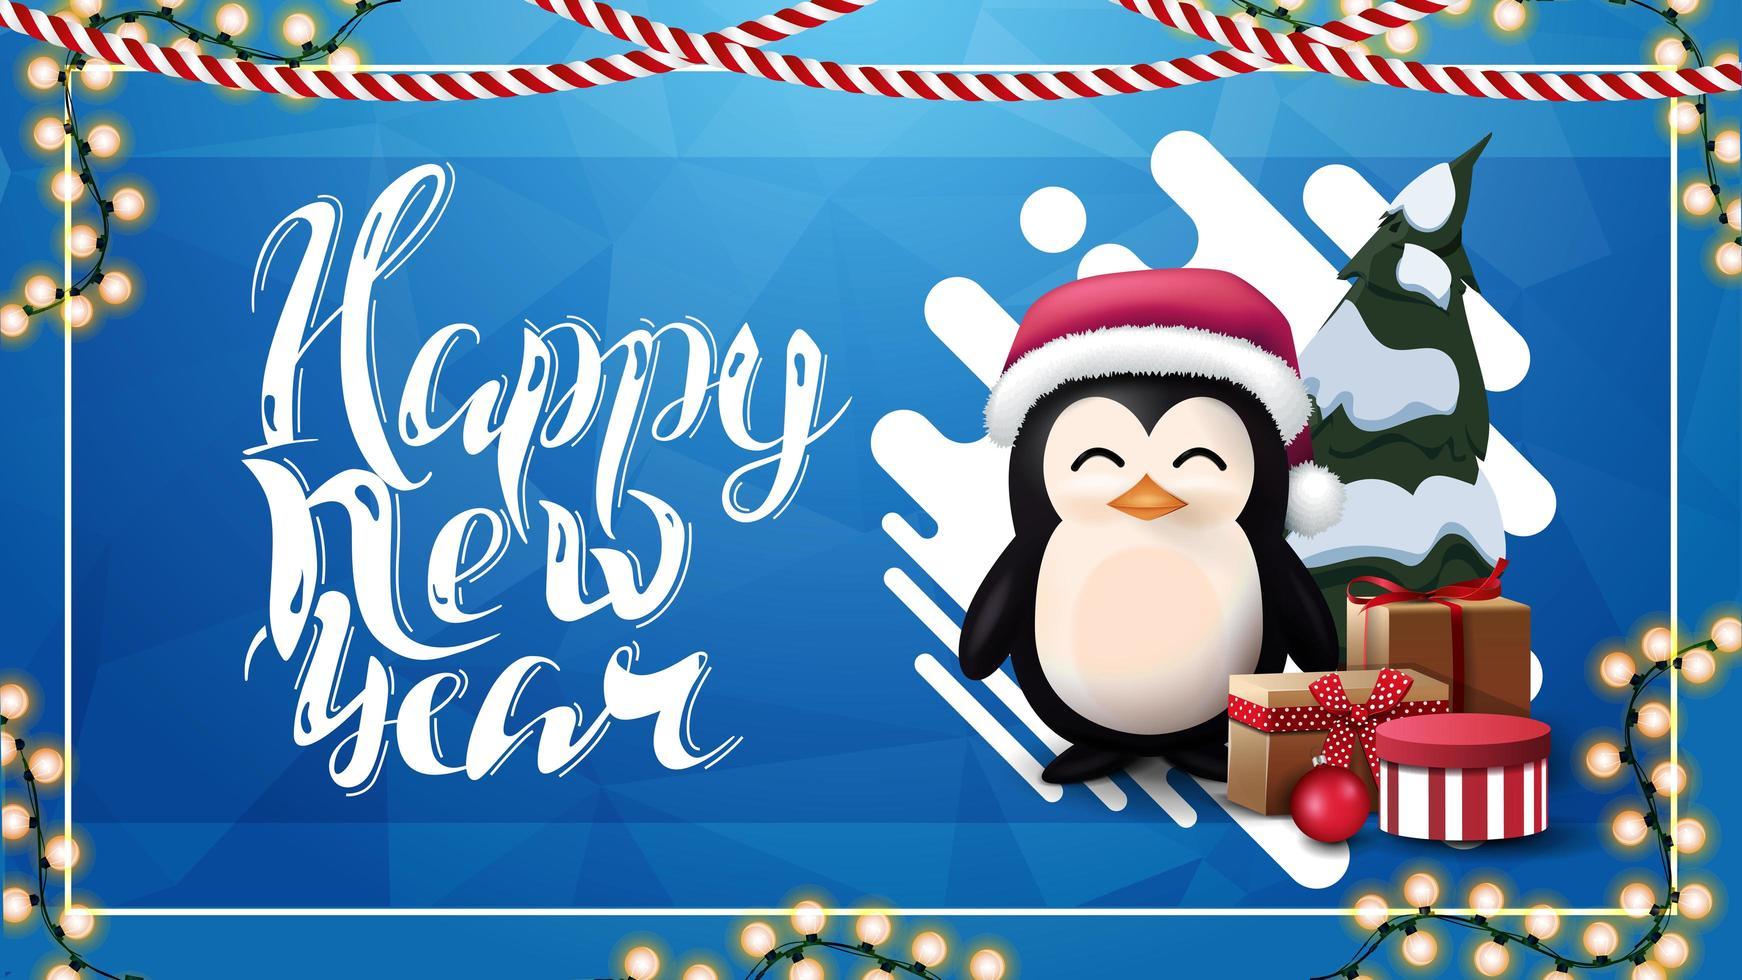 gelukkig nieuwjaar, blauwe wenskaart met abstracte vloeibare vorm, slinger en pinguïn in kerstman hoed met cadeautjes vector